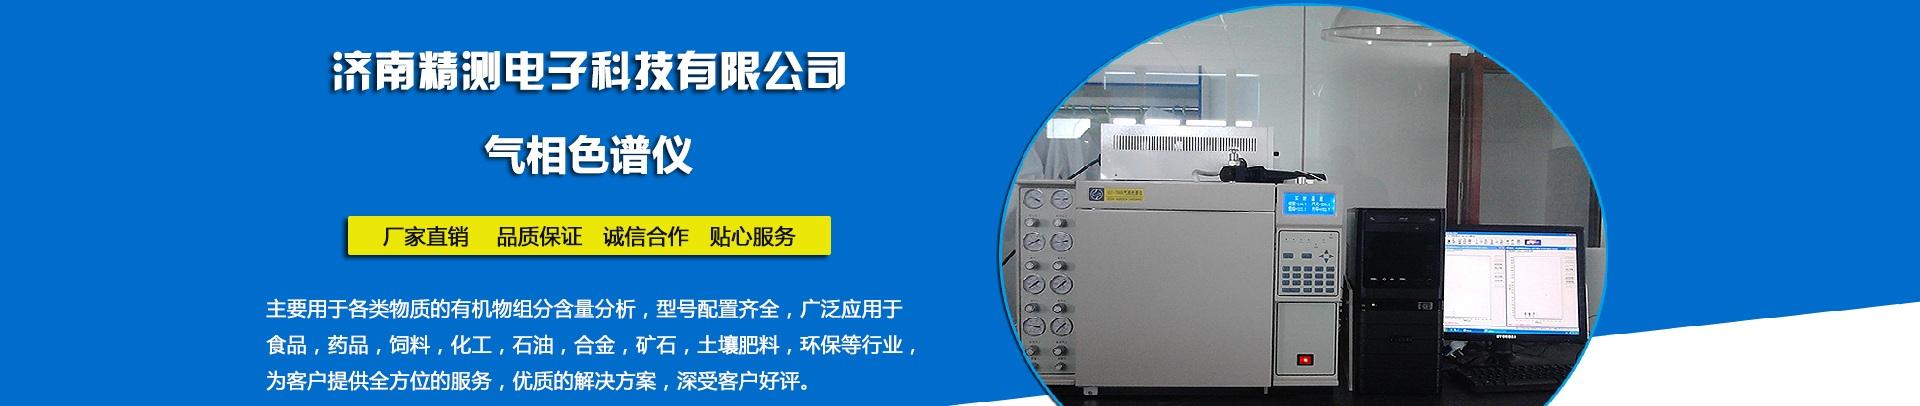 济南精测电子科技有限公司